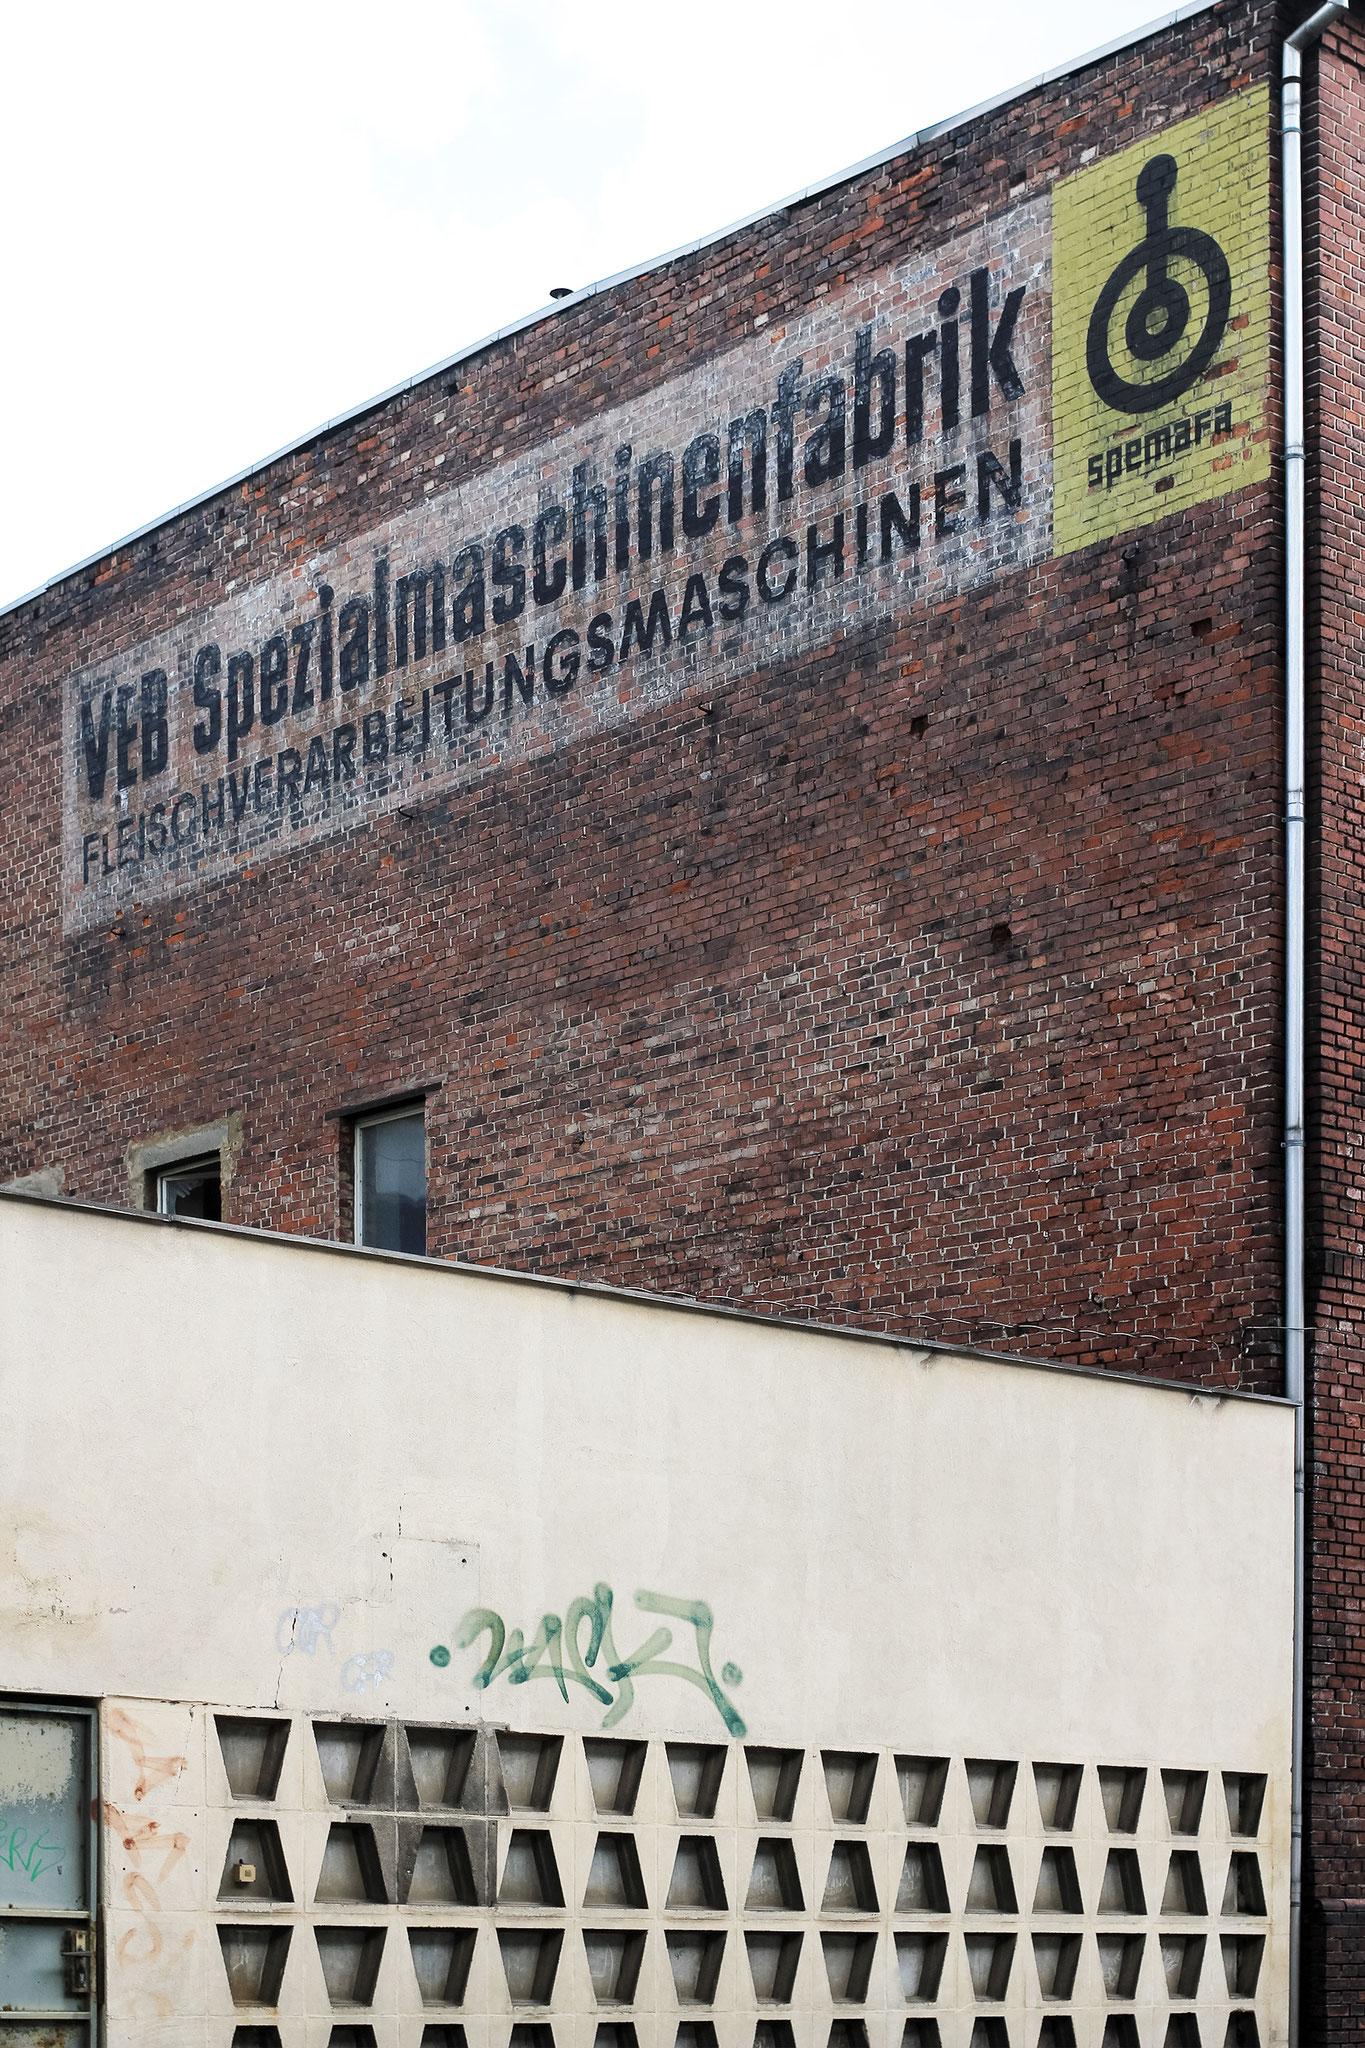 VEB Spezialmaschinenfabrik Karl-Marx-Stadt